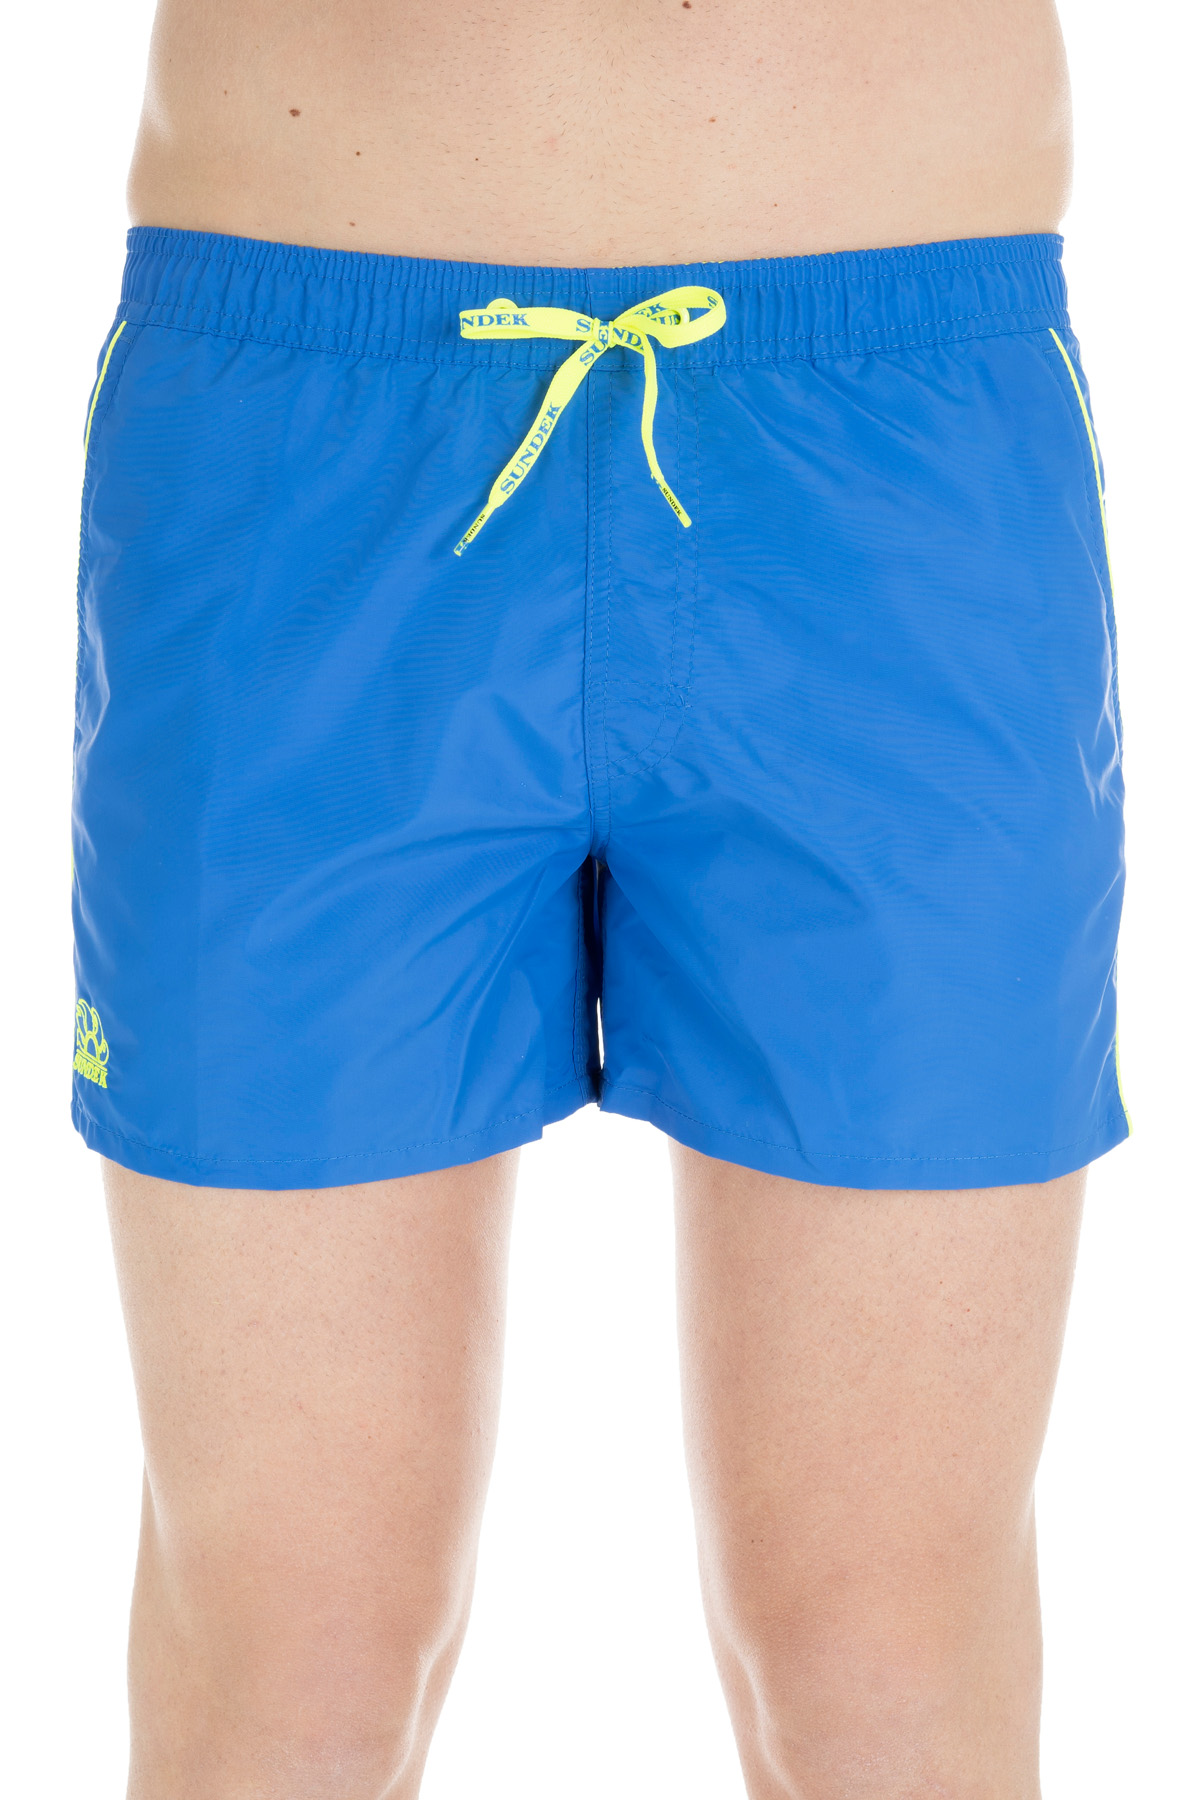 d51a6d5e90 SHORTS BLUE NYLON SWIM SHORT SUNDEK | Swimsuits | M700BDTA100001